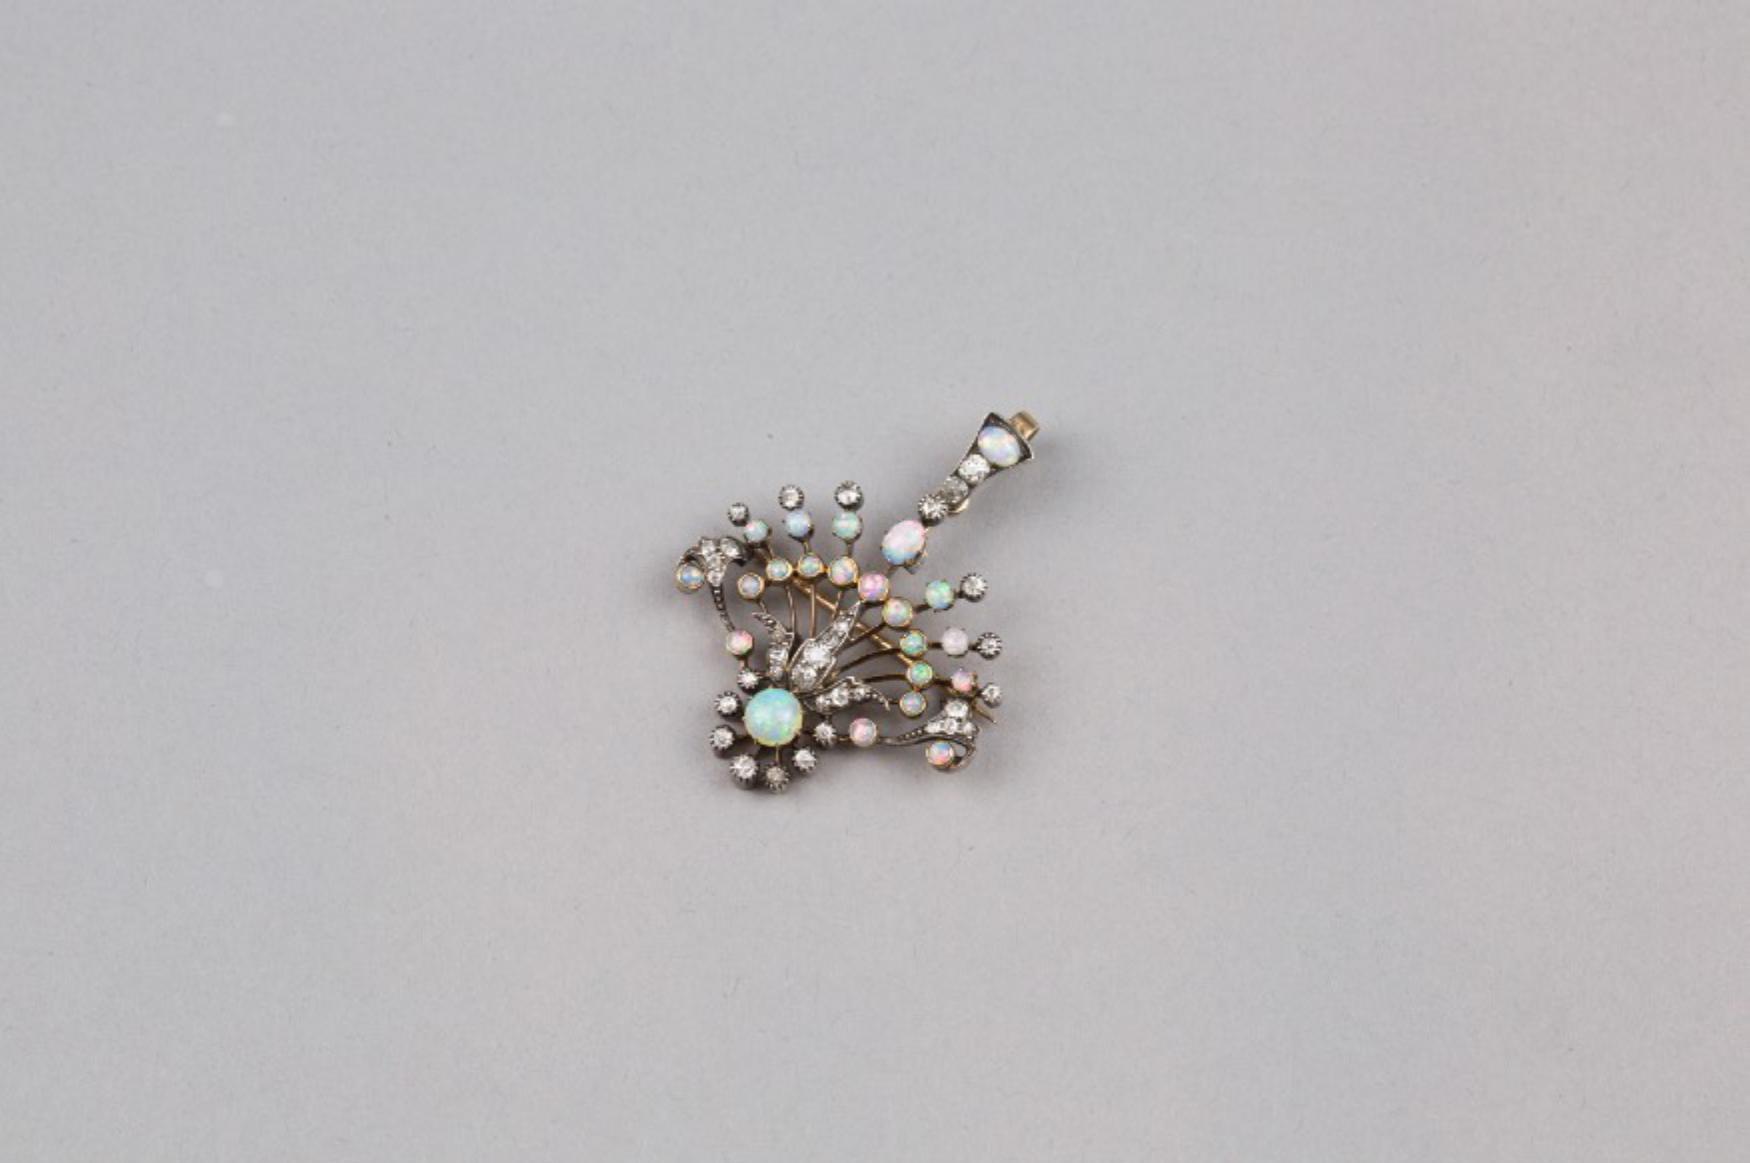 Lot 46 - A 15K Opel Diamond Brooch / Pendant